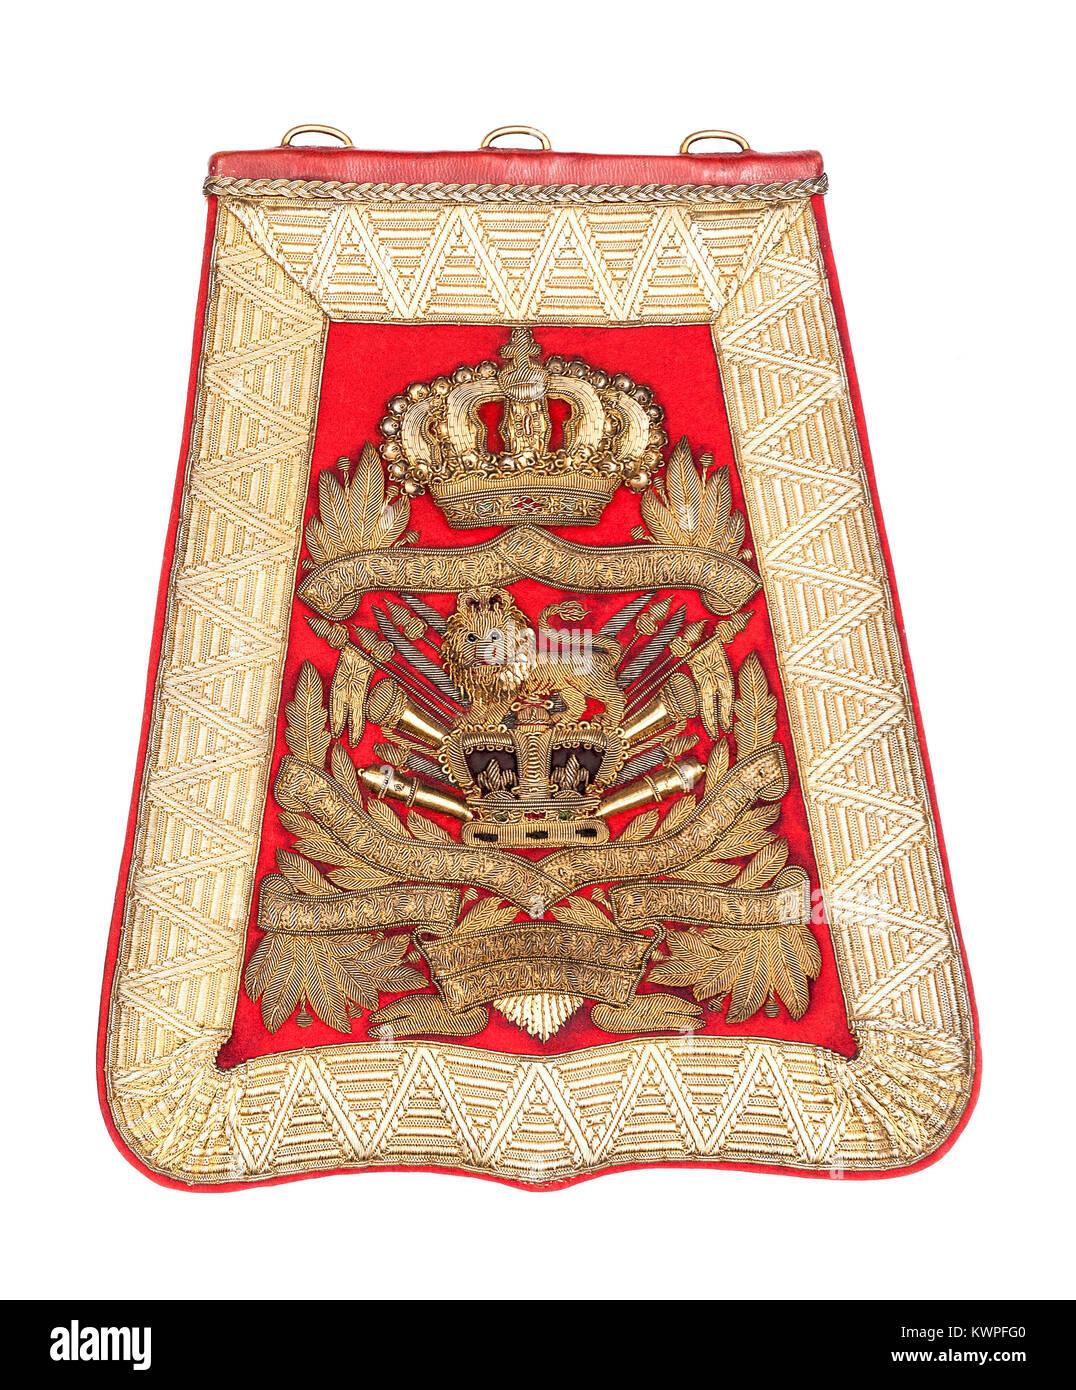 info for a38ac 17a9f 15 (der König) die Husaren Offizier vollen Kleid Stickerei ...